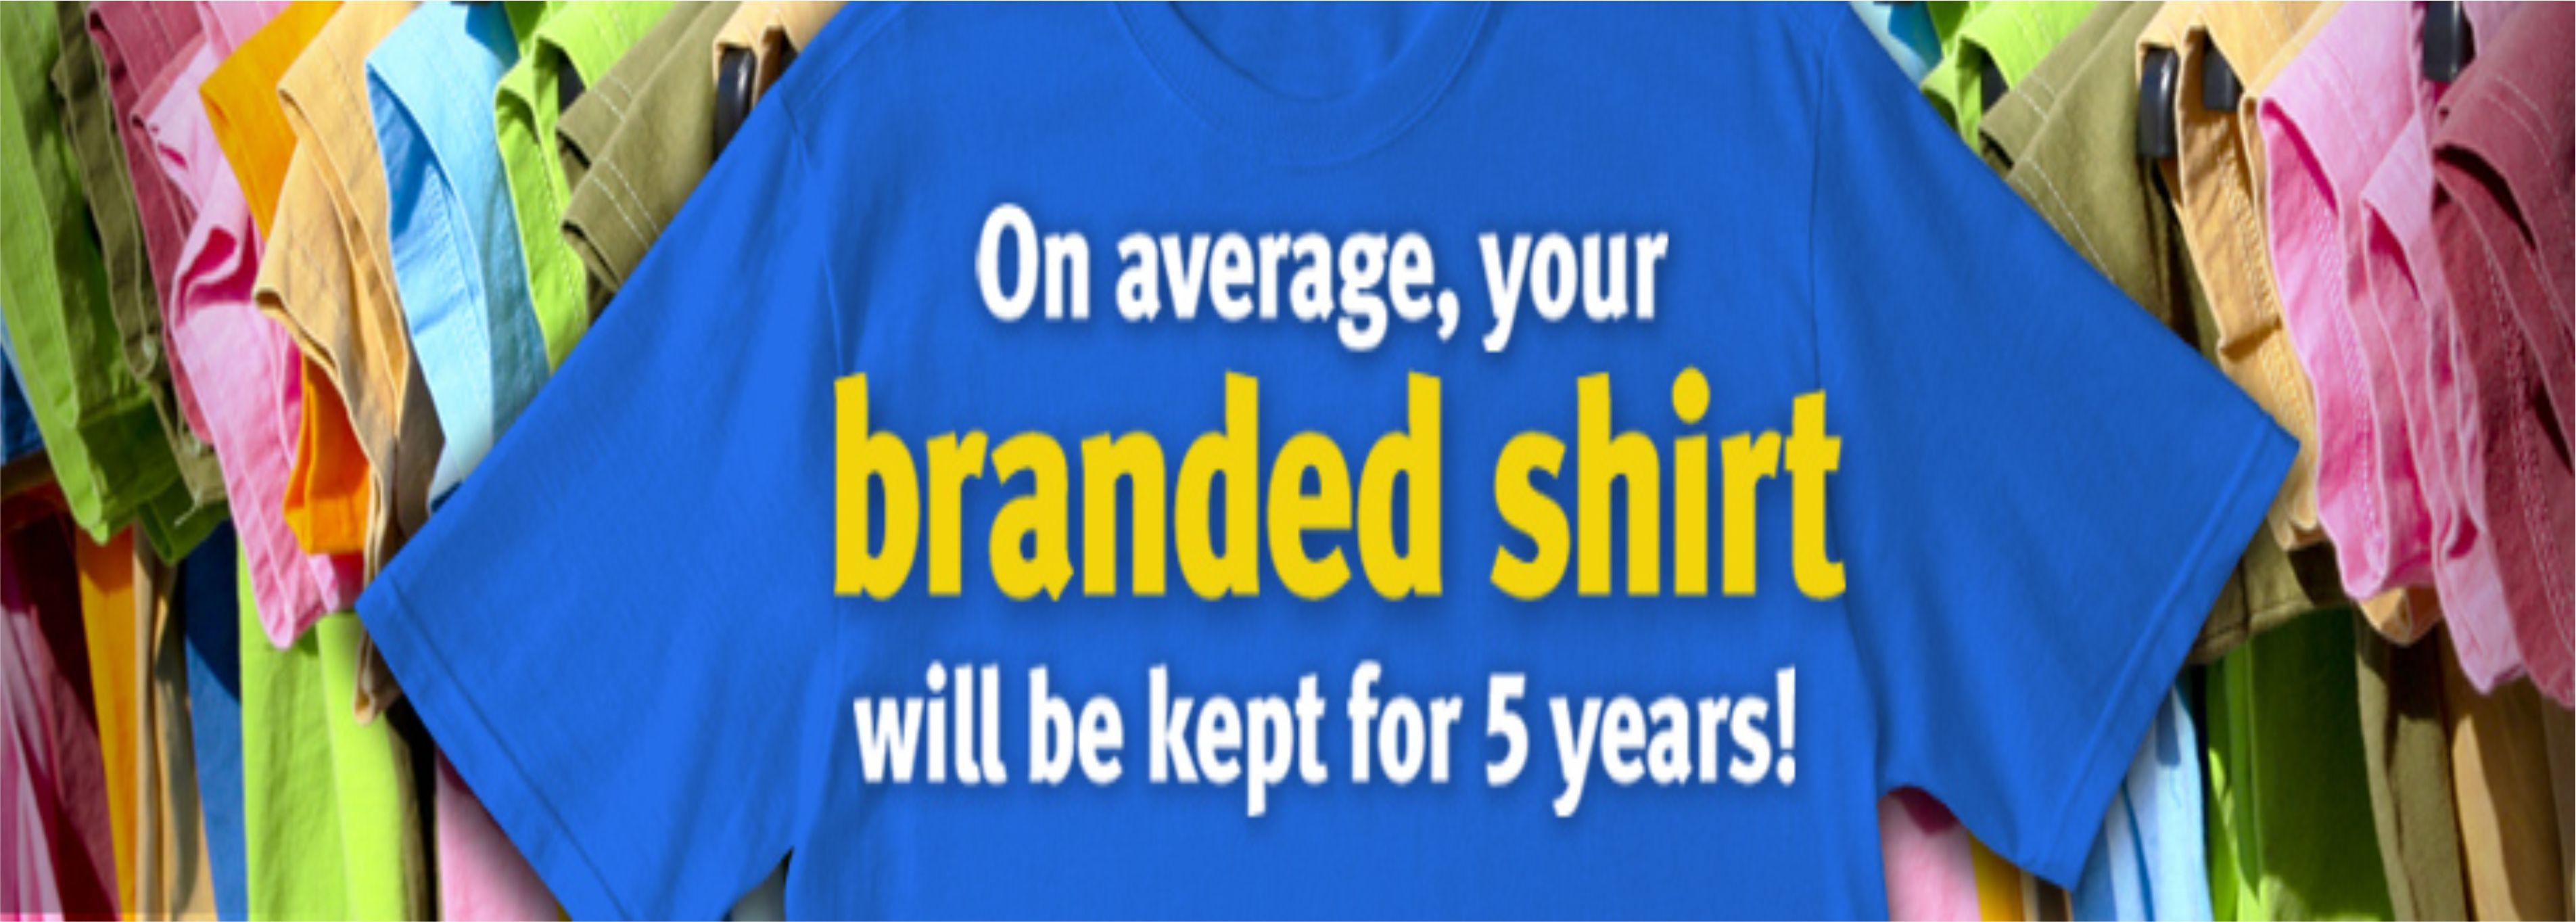 T shirt design jonesboro ar - T Shirt Design Jonesboro Ar 17